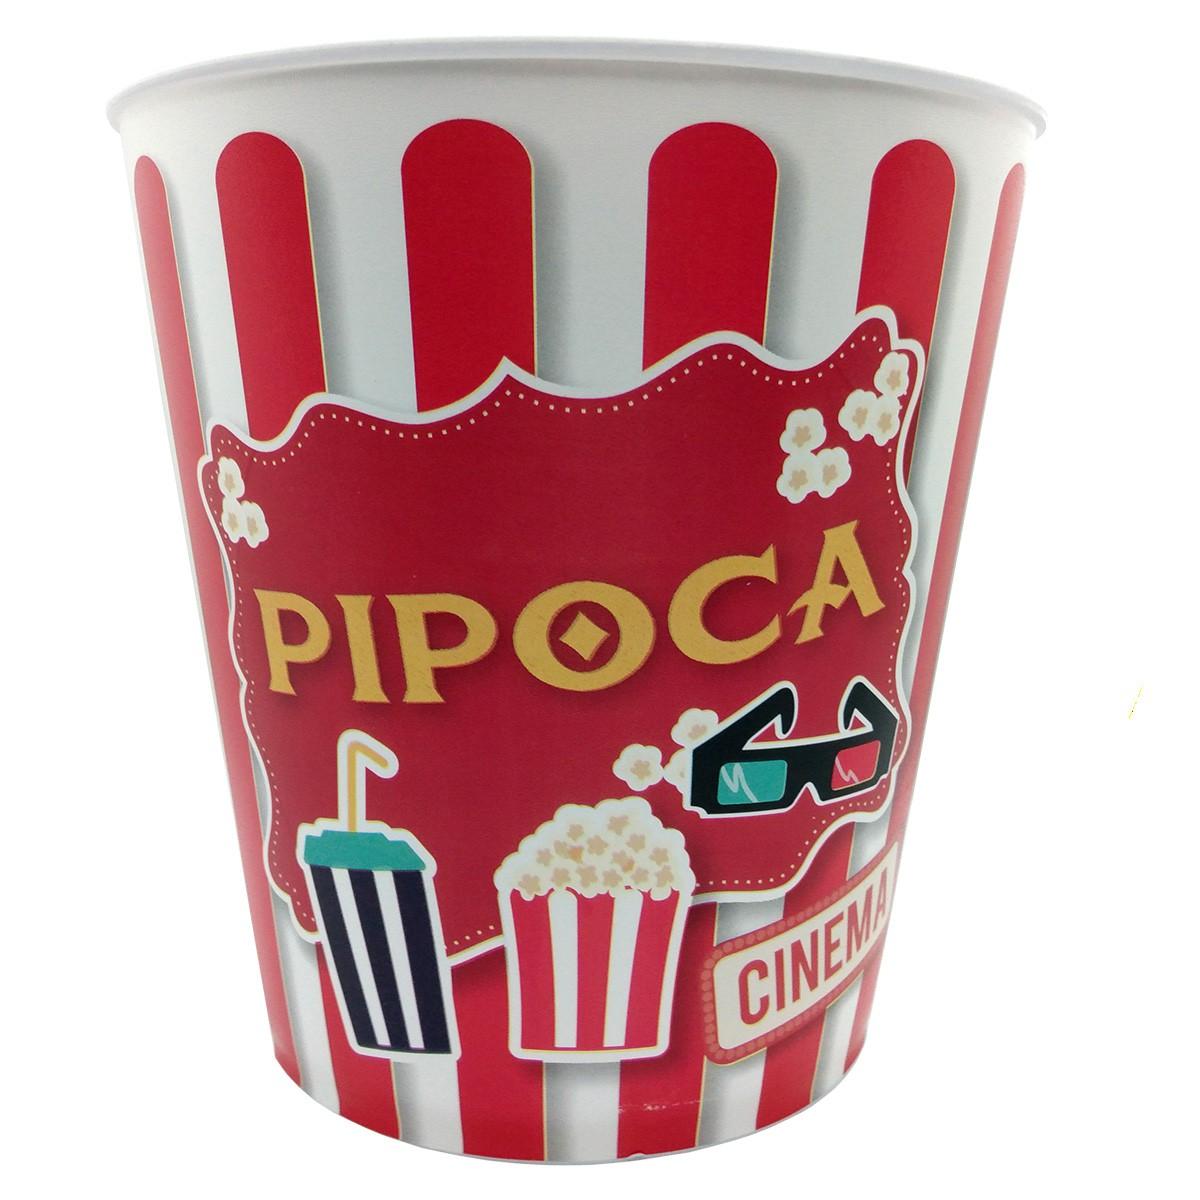 Balde de Pipoca - cinema em casa